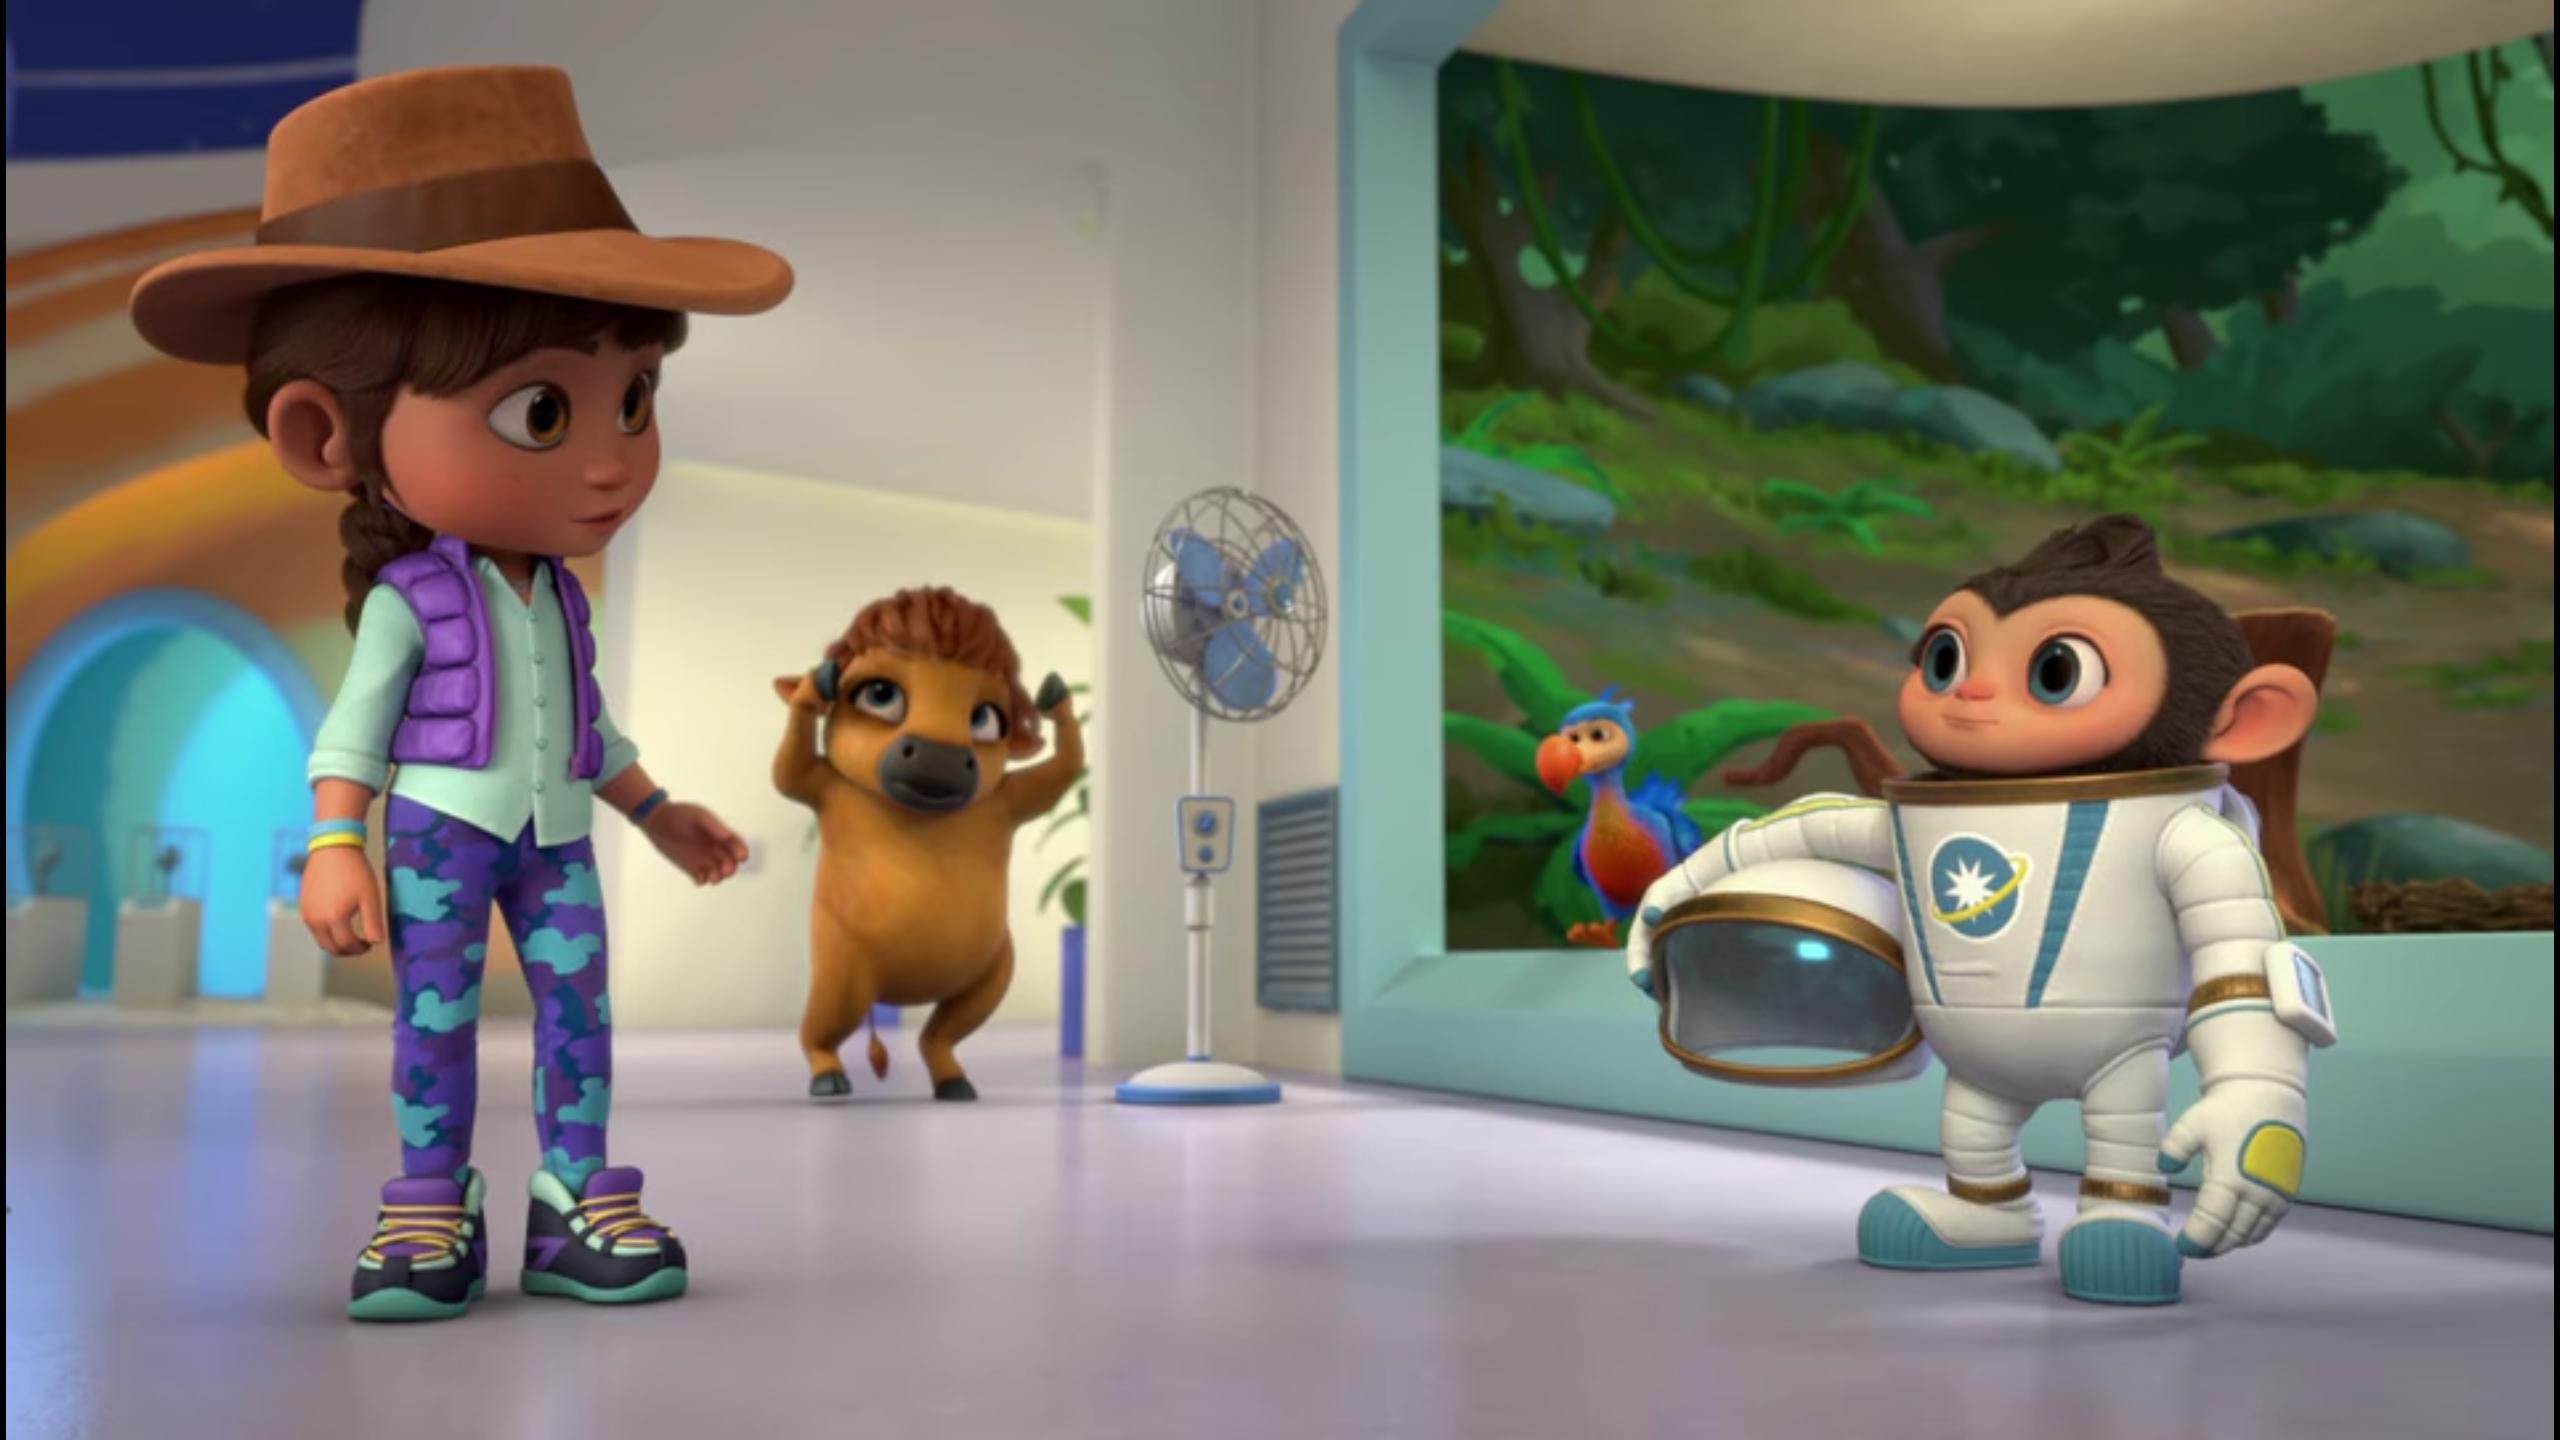 Standbild aus der Trickfilm-Serie: ein Kind mit Cowboy-Hut spricht in einem Museumsraum mit einem Äffchen in einem Weltraumanzug. Dahinter ein wenig entfernt ein Bison auf den Hinterhufen, dass sich mit beiden Händen über die eigenen Hörner streicht.